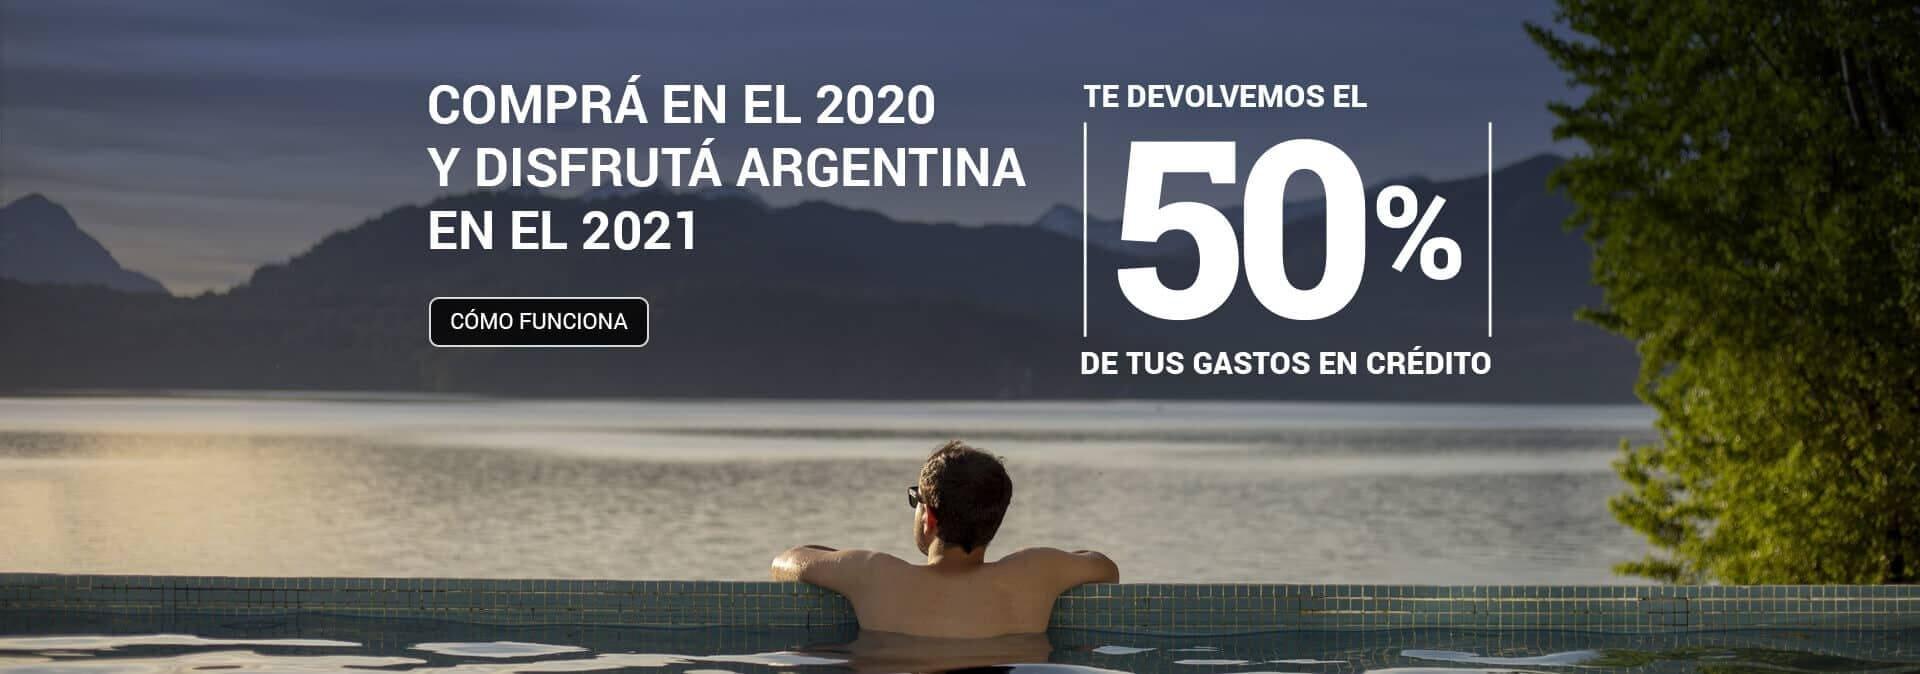 """Buscan impulsar la economía turística con el Programa """"Previaje"""""""